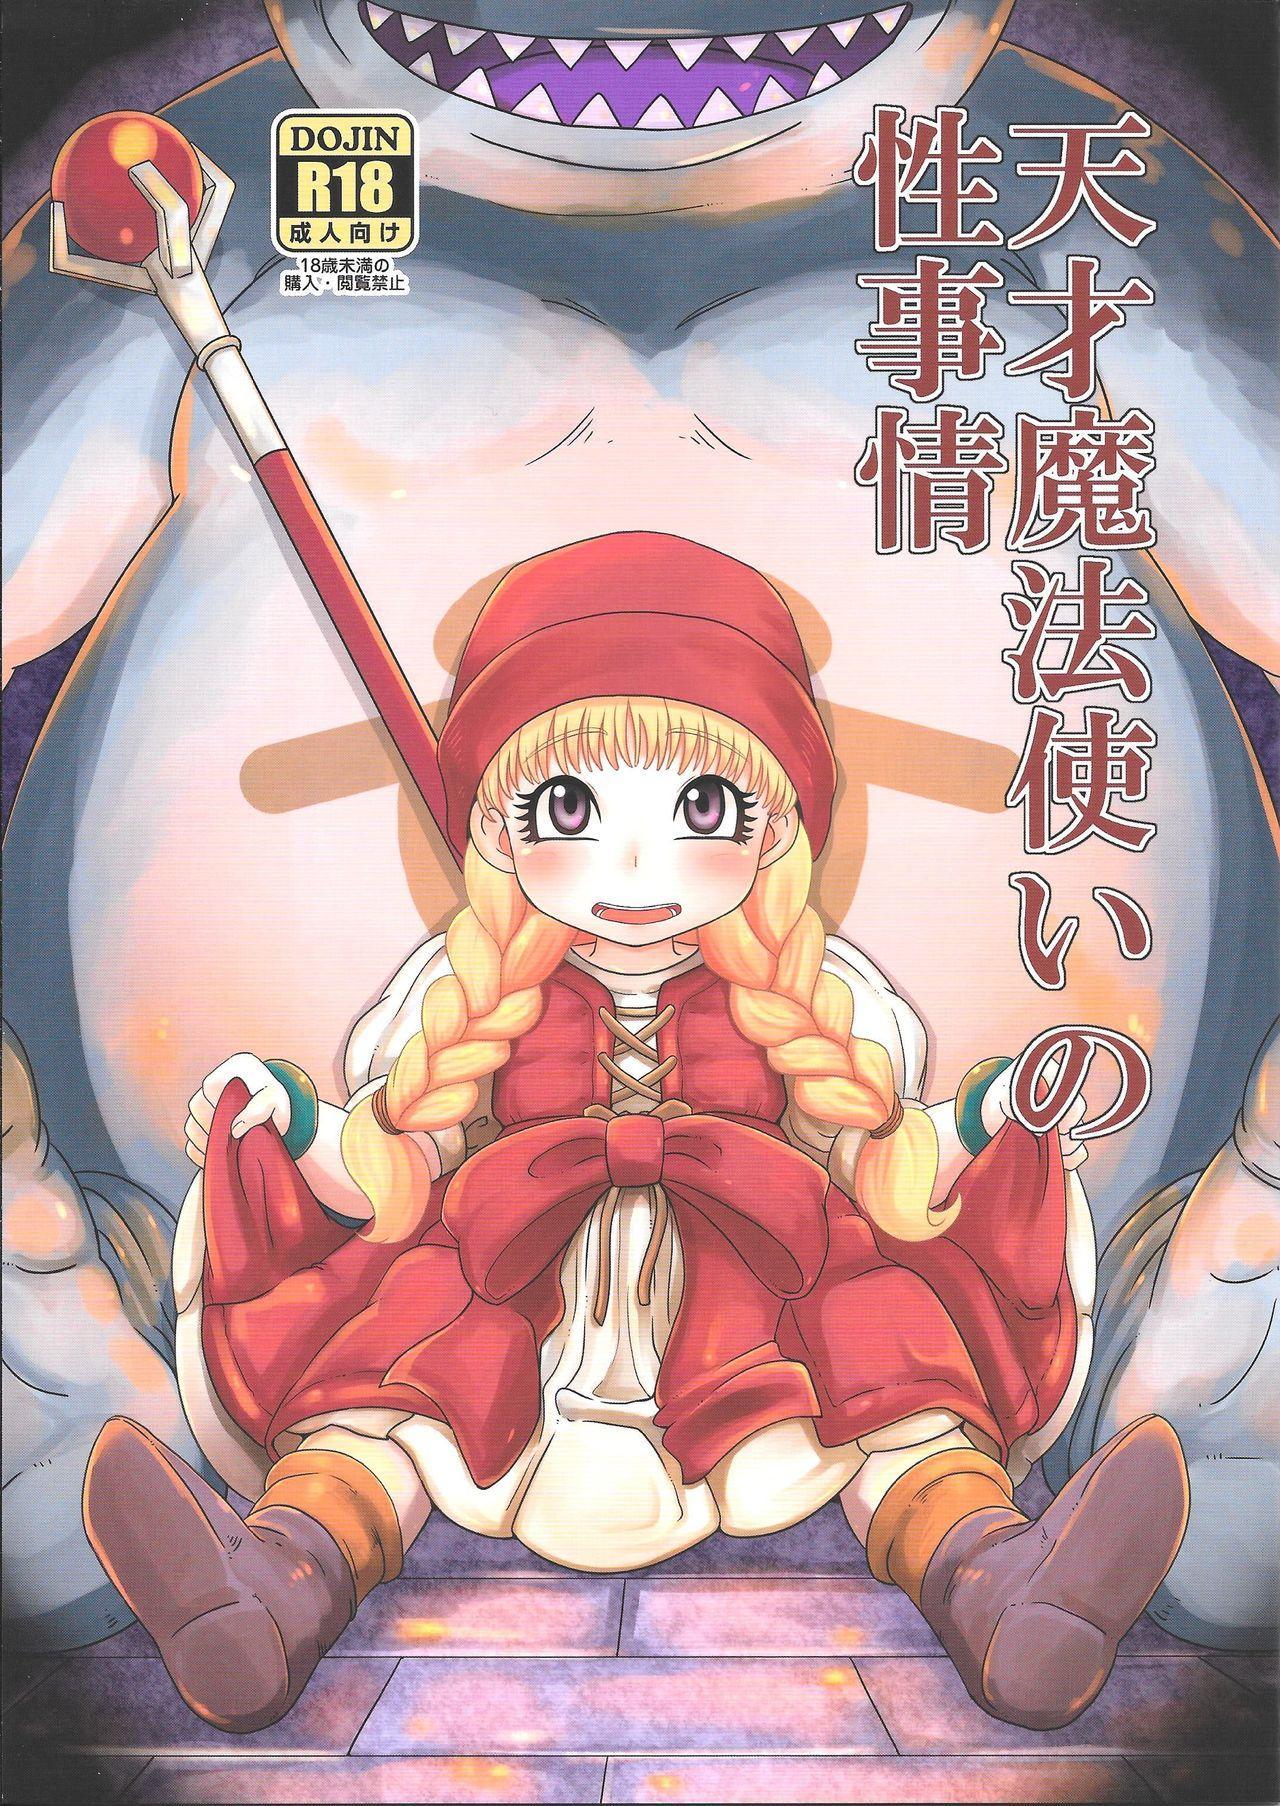 Tensai Mahoutsukai no Sei Jijou 0